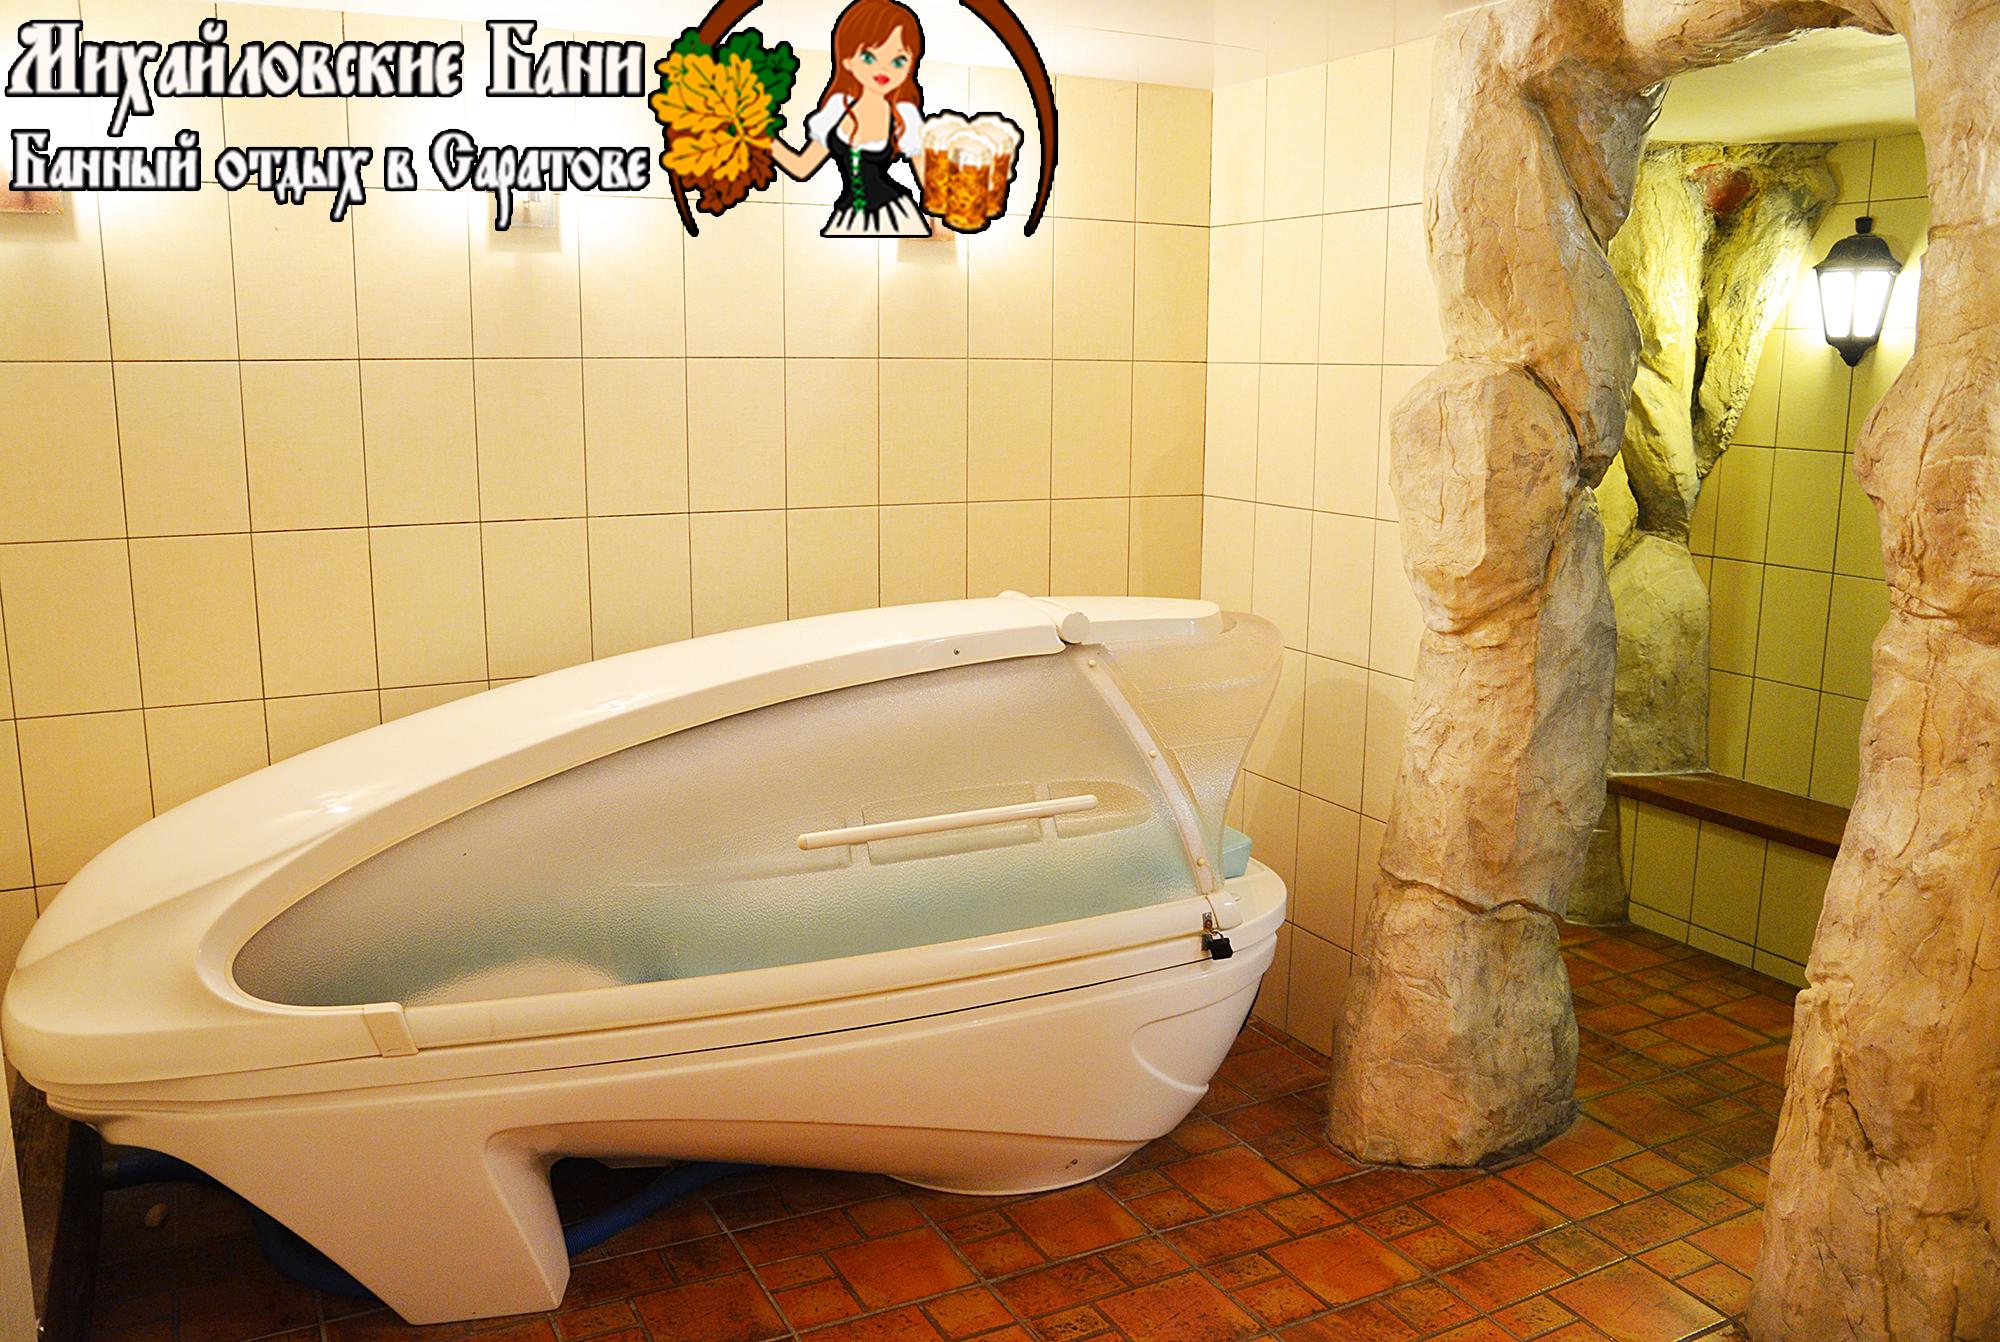 Михайловские бани Хамам